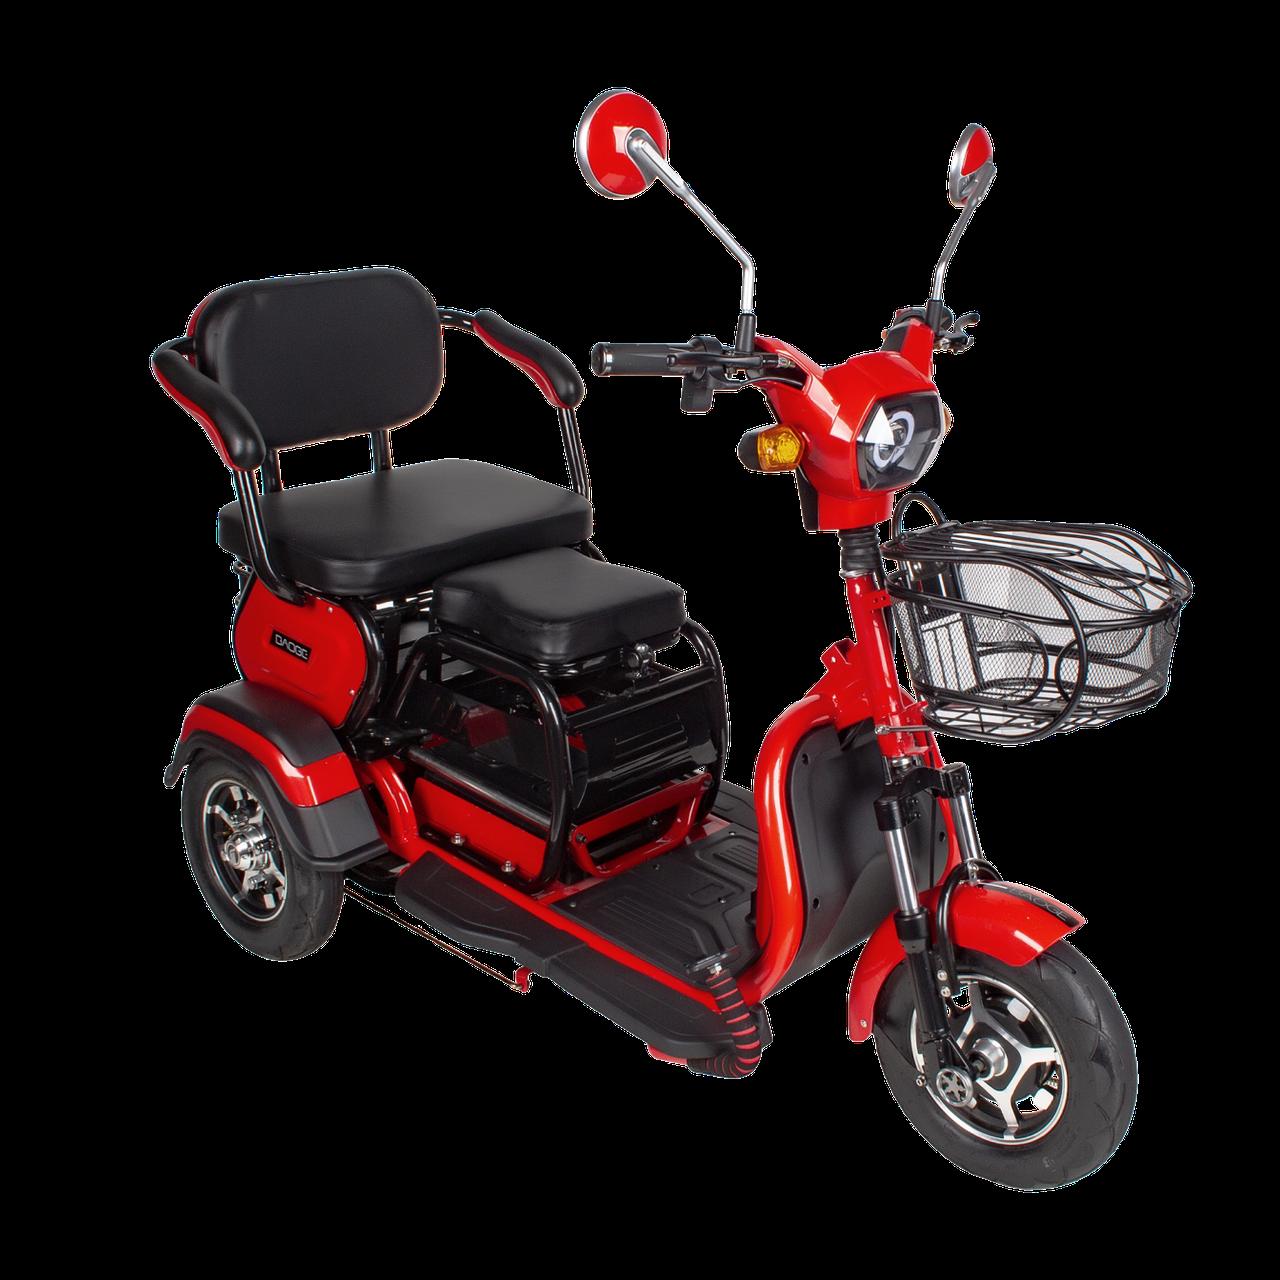 Электрический мопед  AGAMI xk 500W/48V/20AH(AGM) (красный)